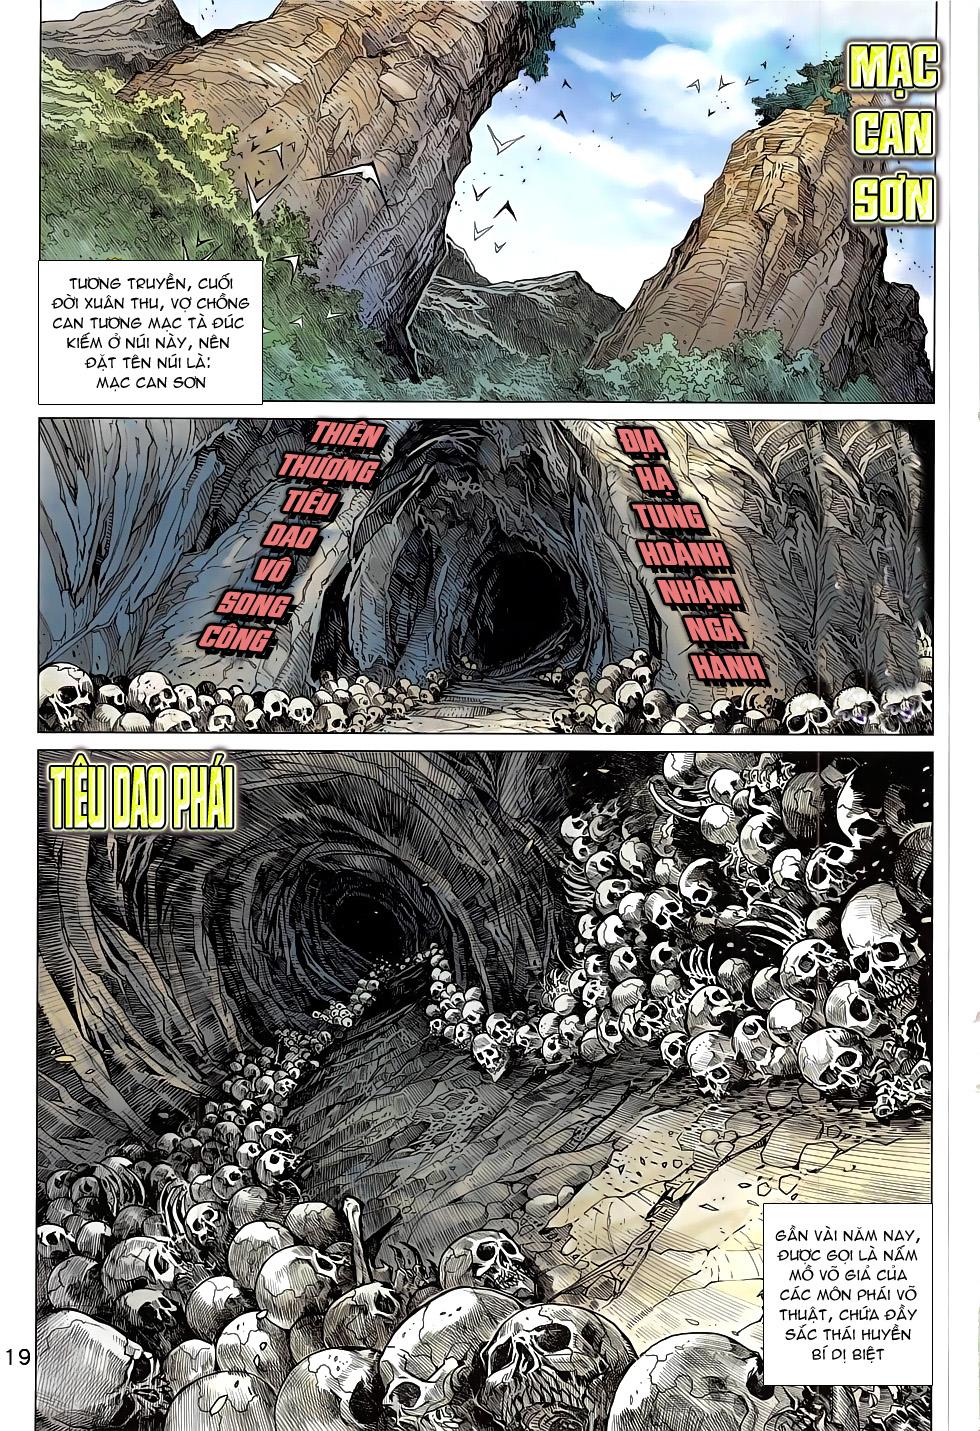 Tân Tác Long Hổ Môn chap 793 Trang 19 - Mangak.info